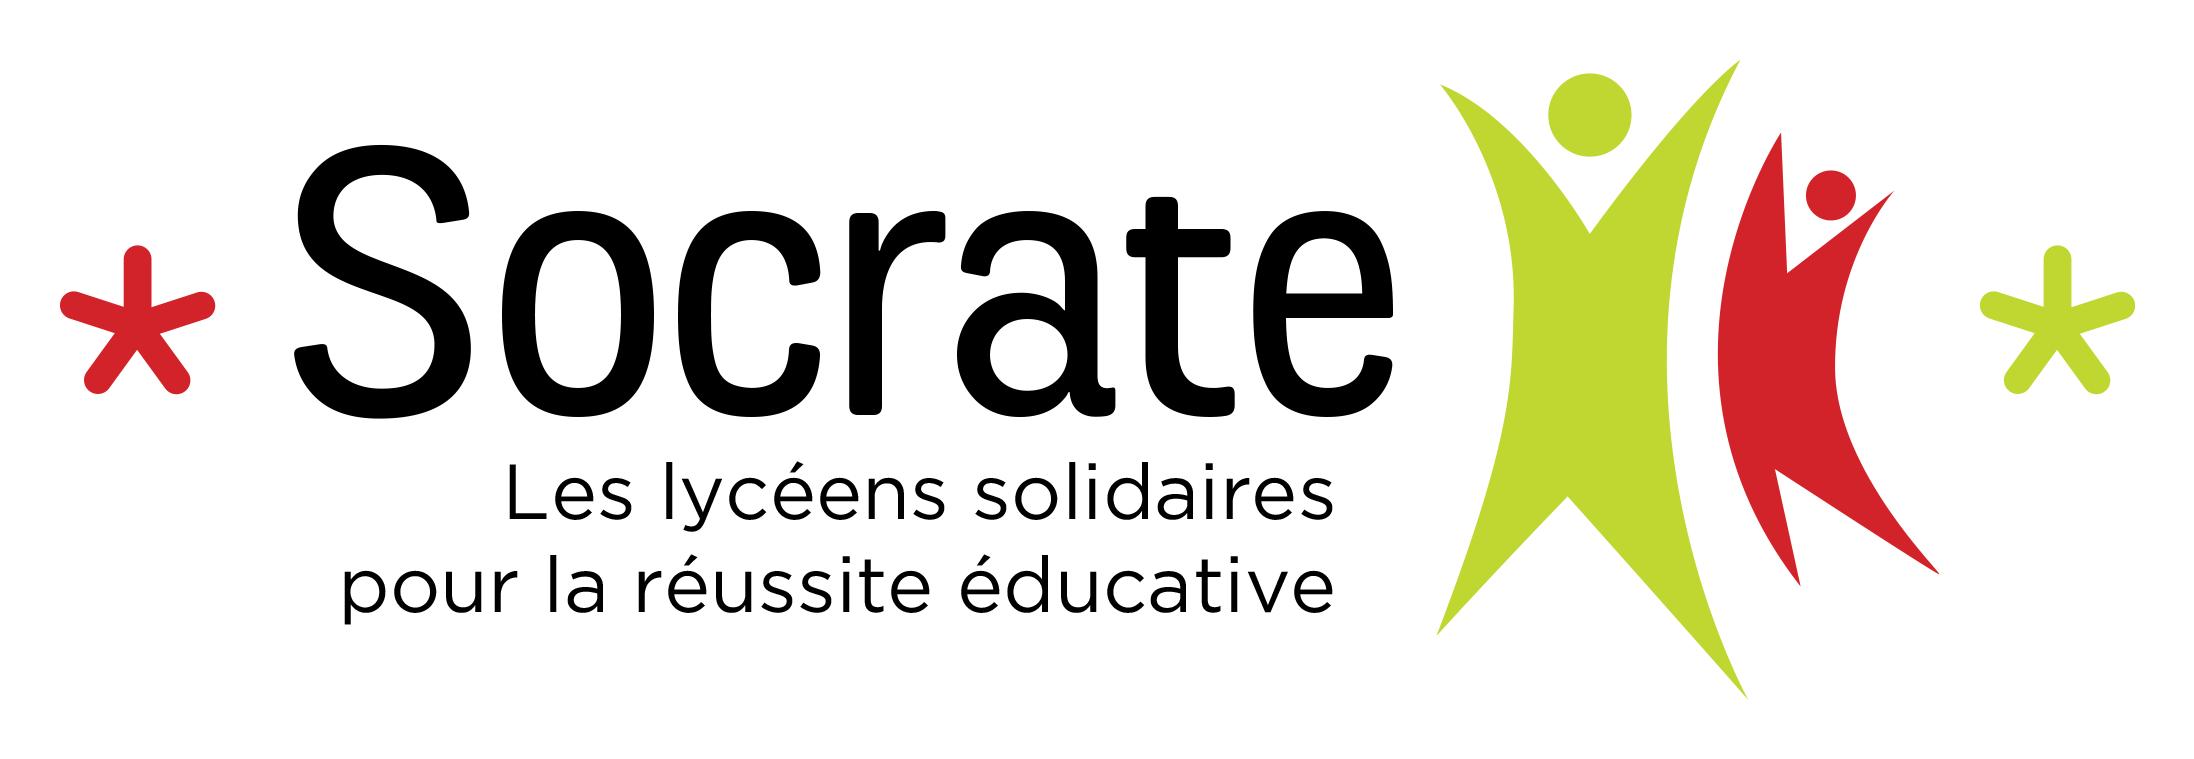 Un nouveau logo pour Socrate !